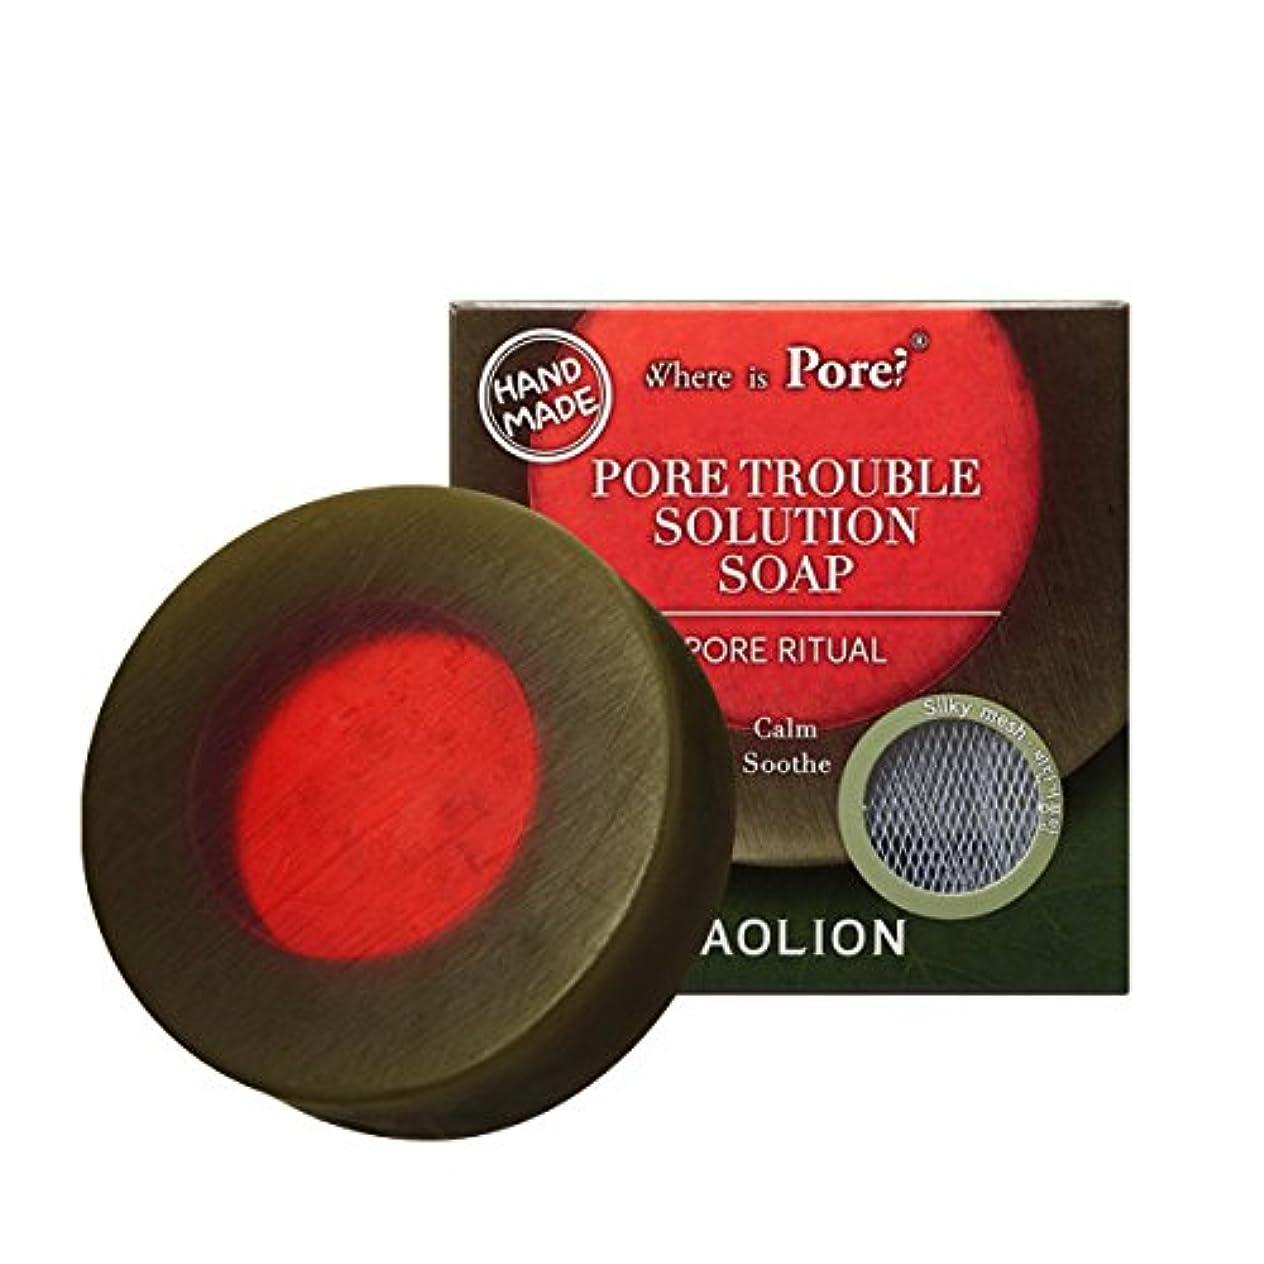 差別的口頭独特のCAOLION Pore Trouble Solution Soap トラブル専用ソープ [海外直送品] [並行輸入品]